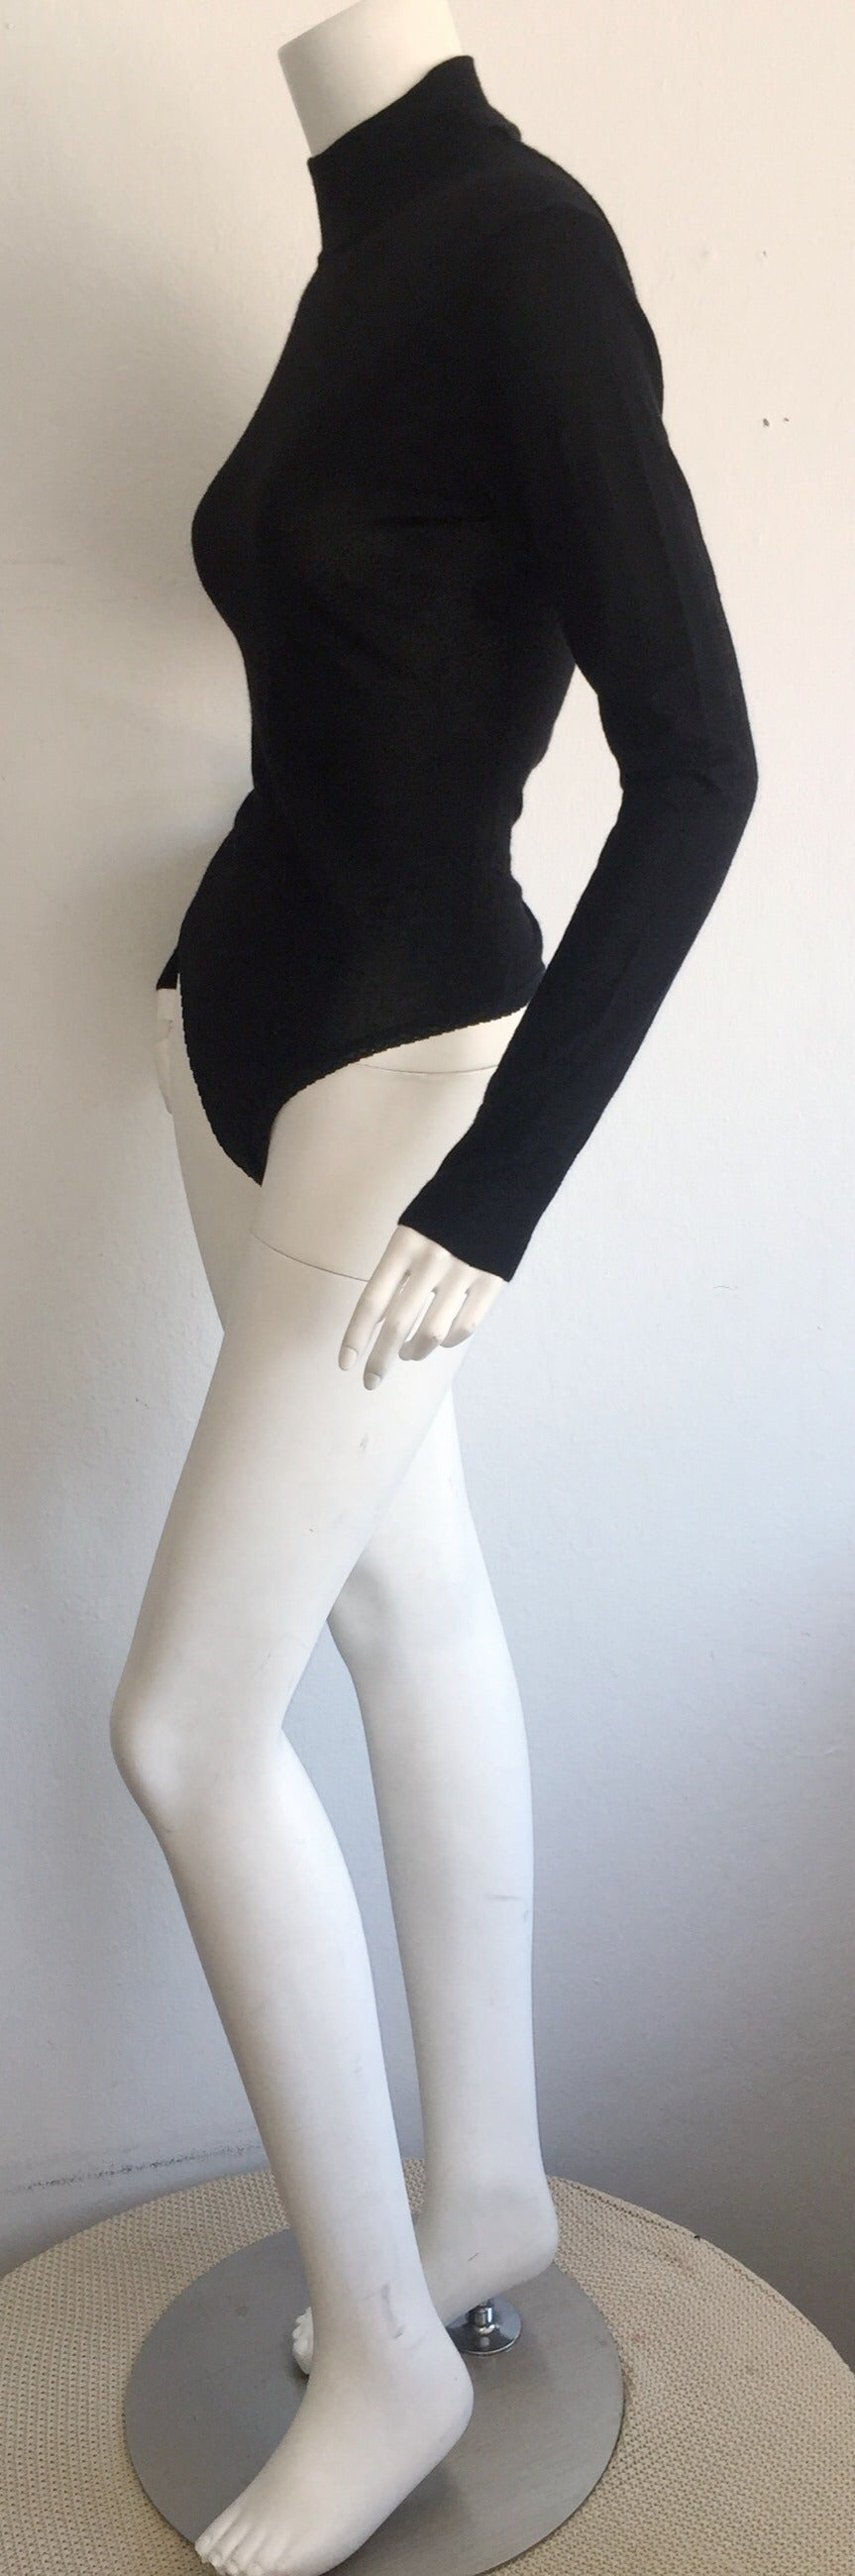 Sexy Vintage Donna Karan Black Cashmere Bodysuit / Onesie For Sale 1